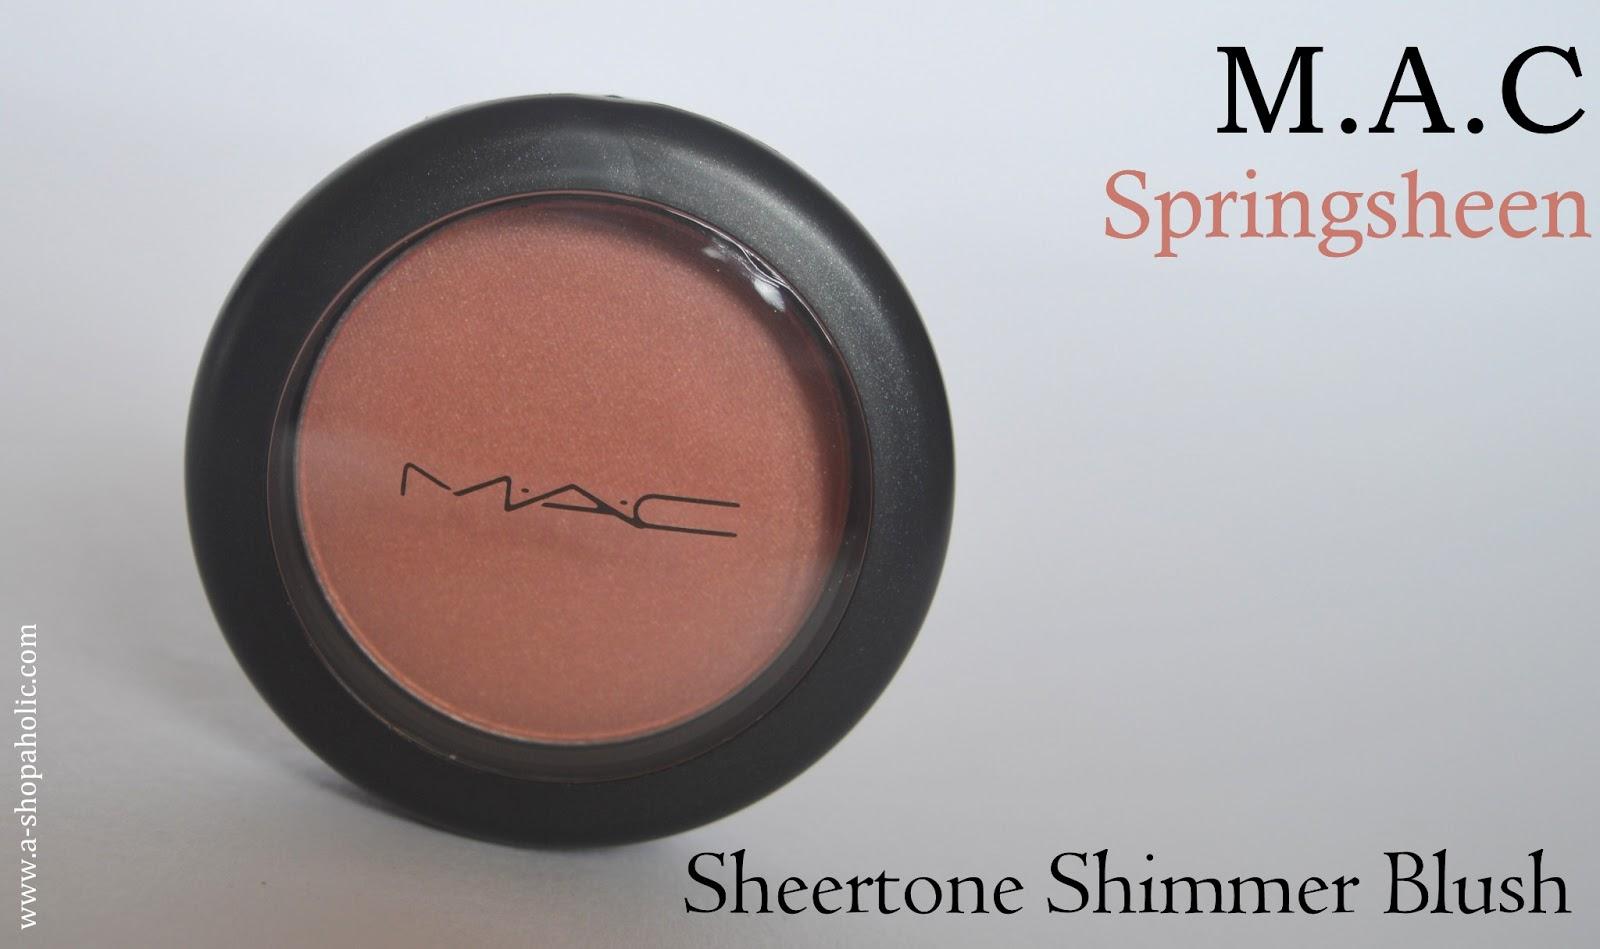 A Shopaholic: MAC Sheertone Shimmer Blush Springsheen : Review, Swatch